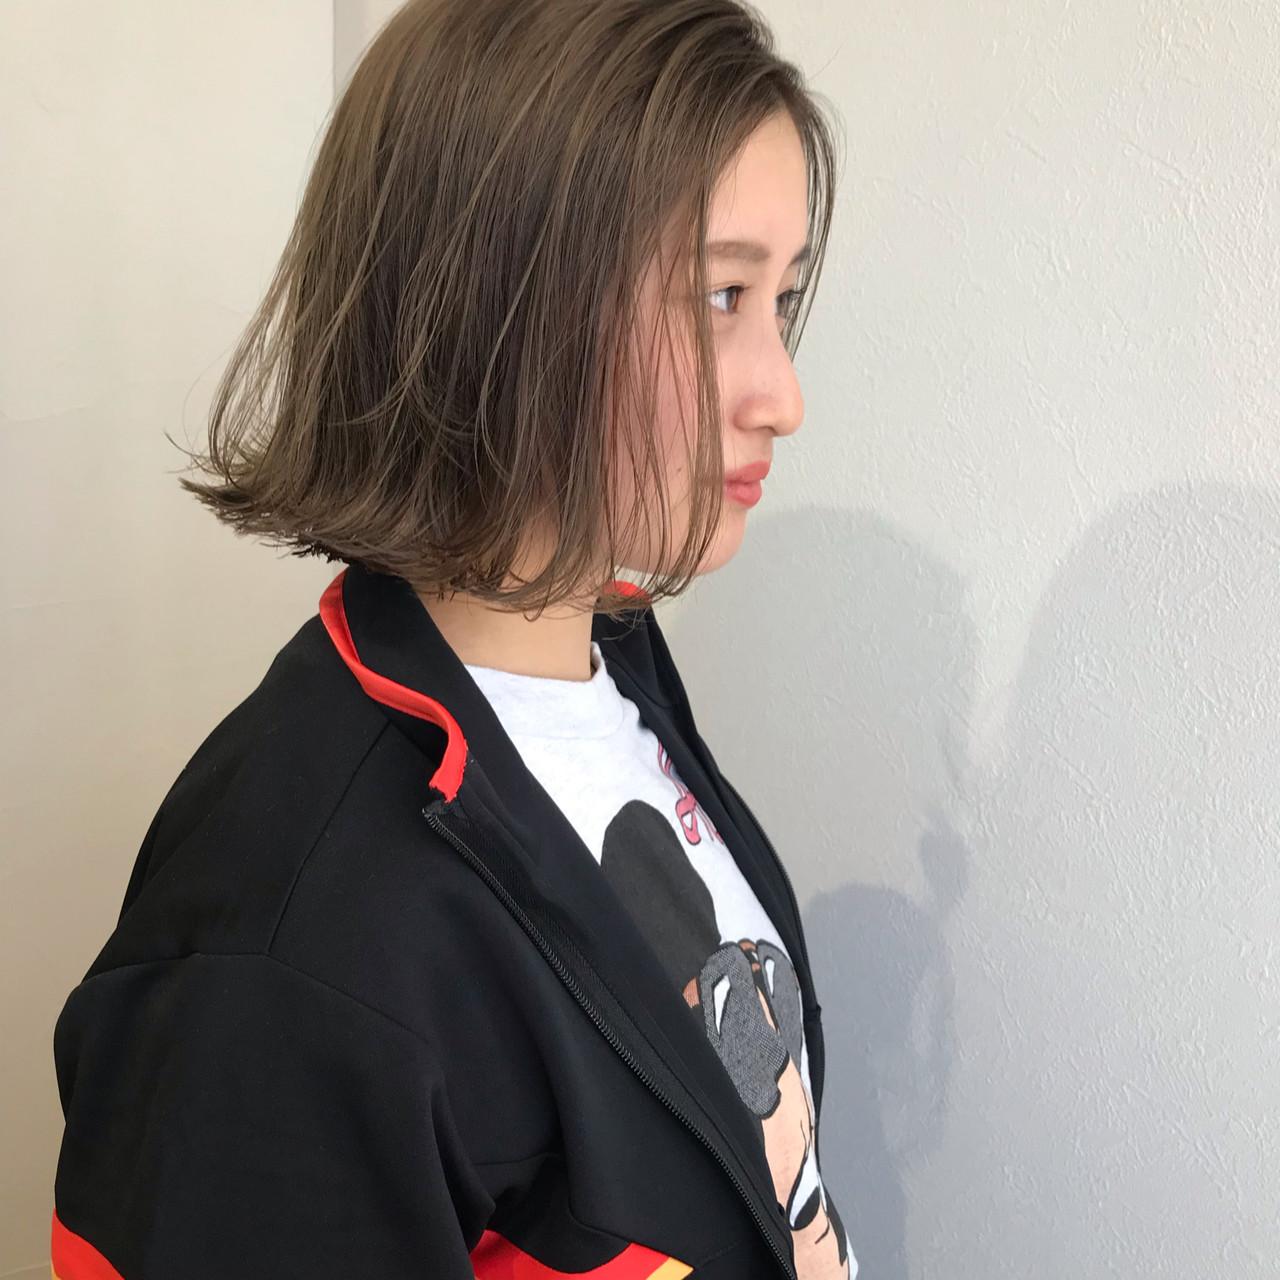 ミルクティーベージュ ナチュラル ヘアアレンジ 簡単ヘアアレンジ ヘアスタイルや髪型の写真・画像